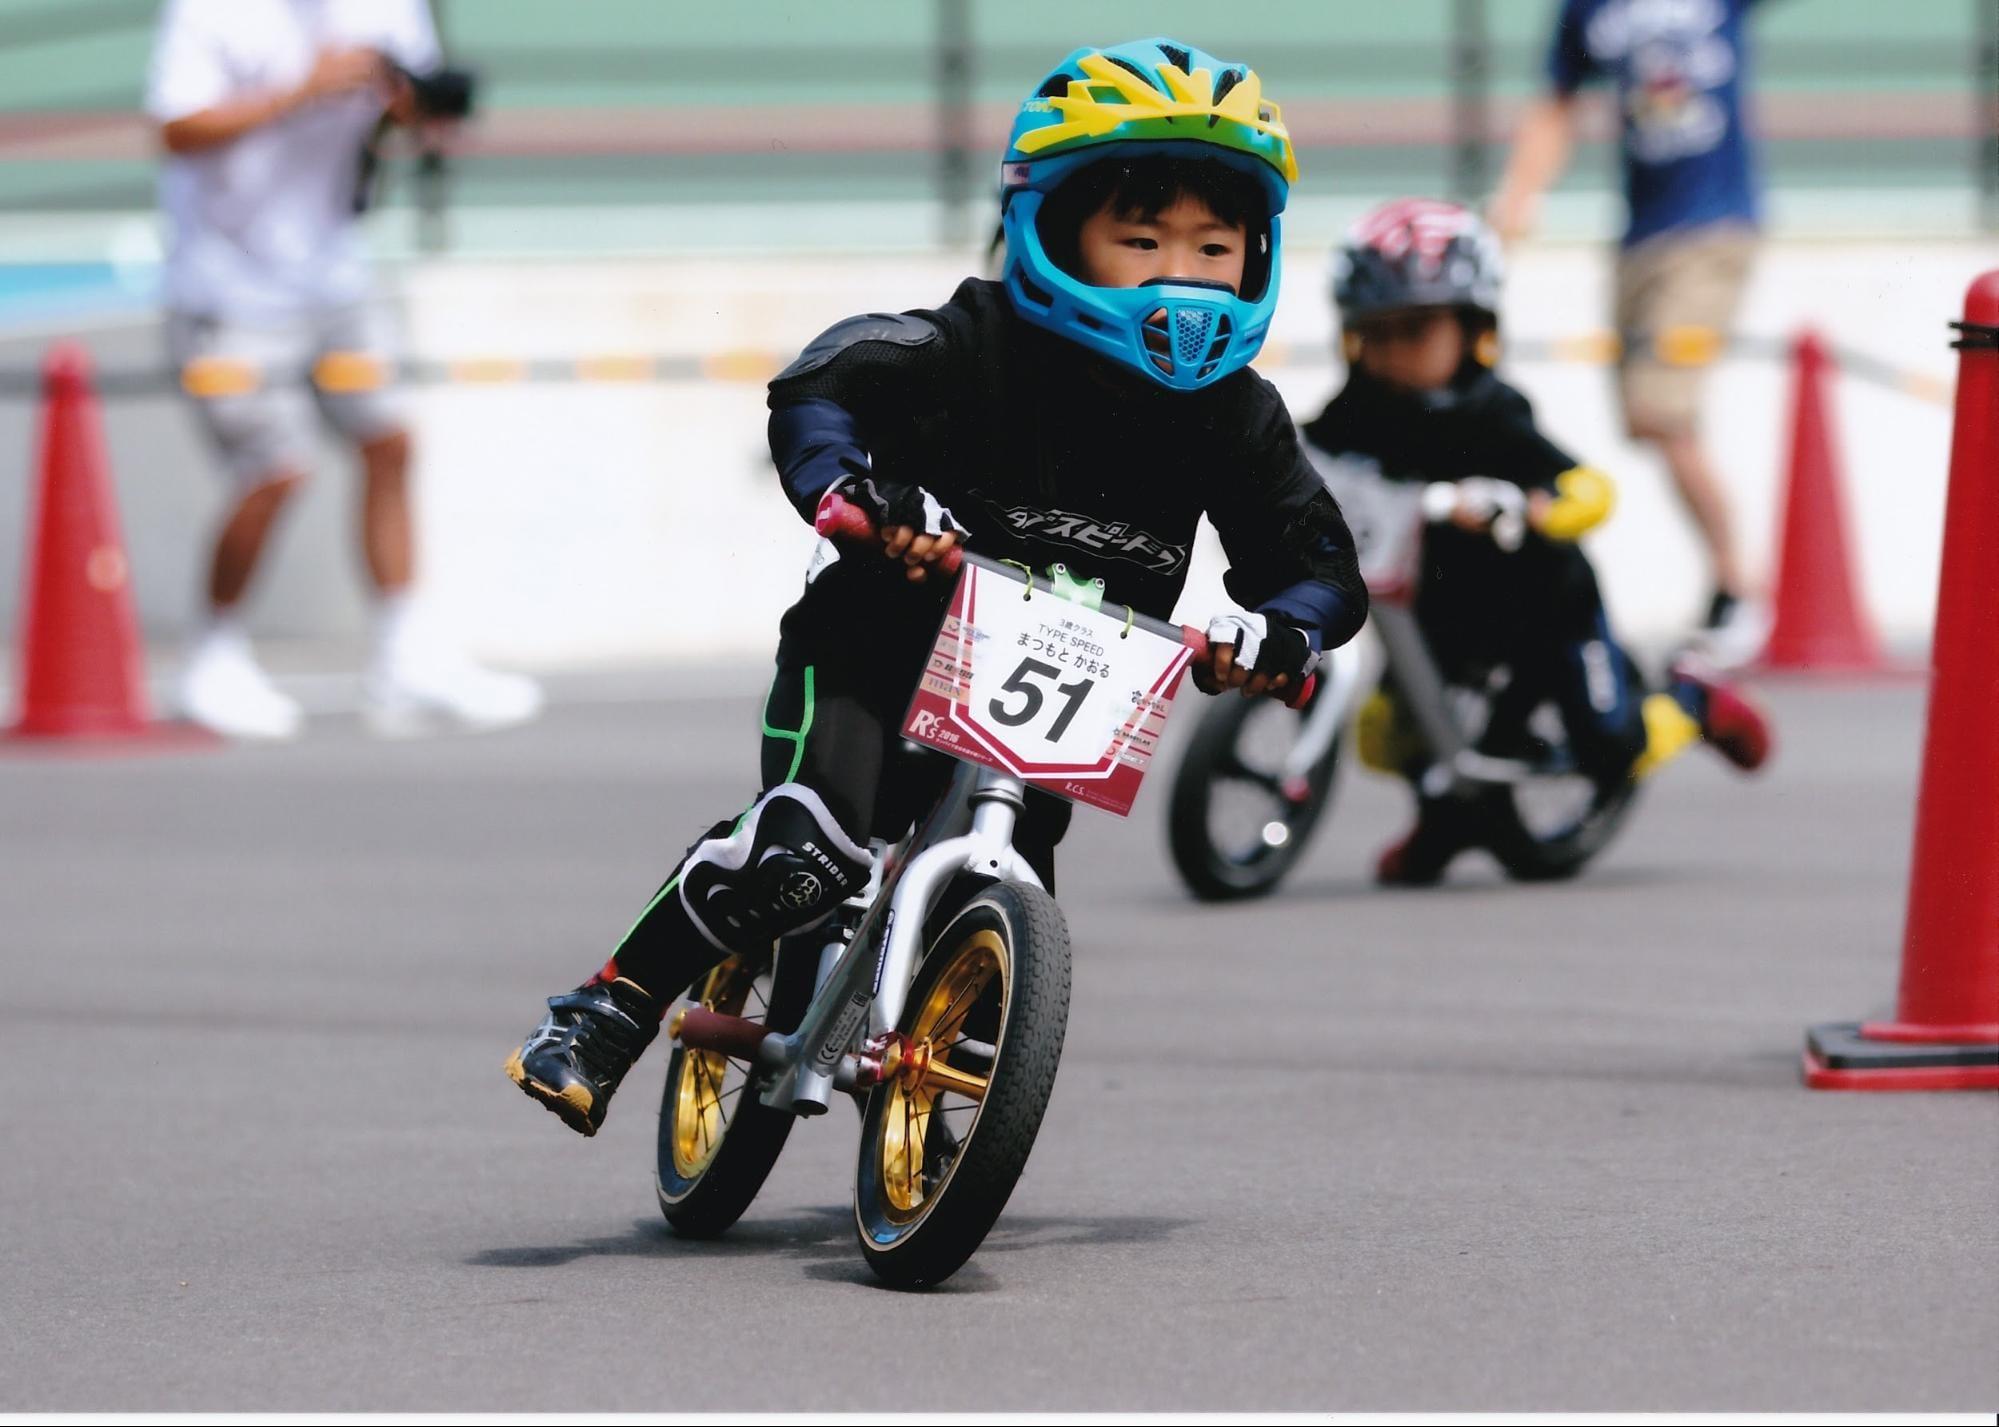 image5:RCS(ランバイクチャンピオンシップシリーズ)